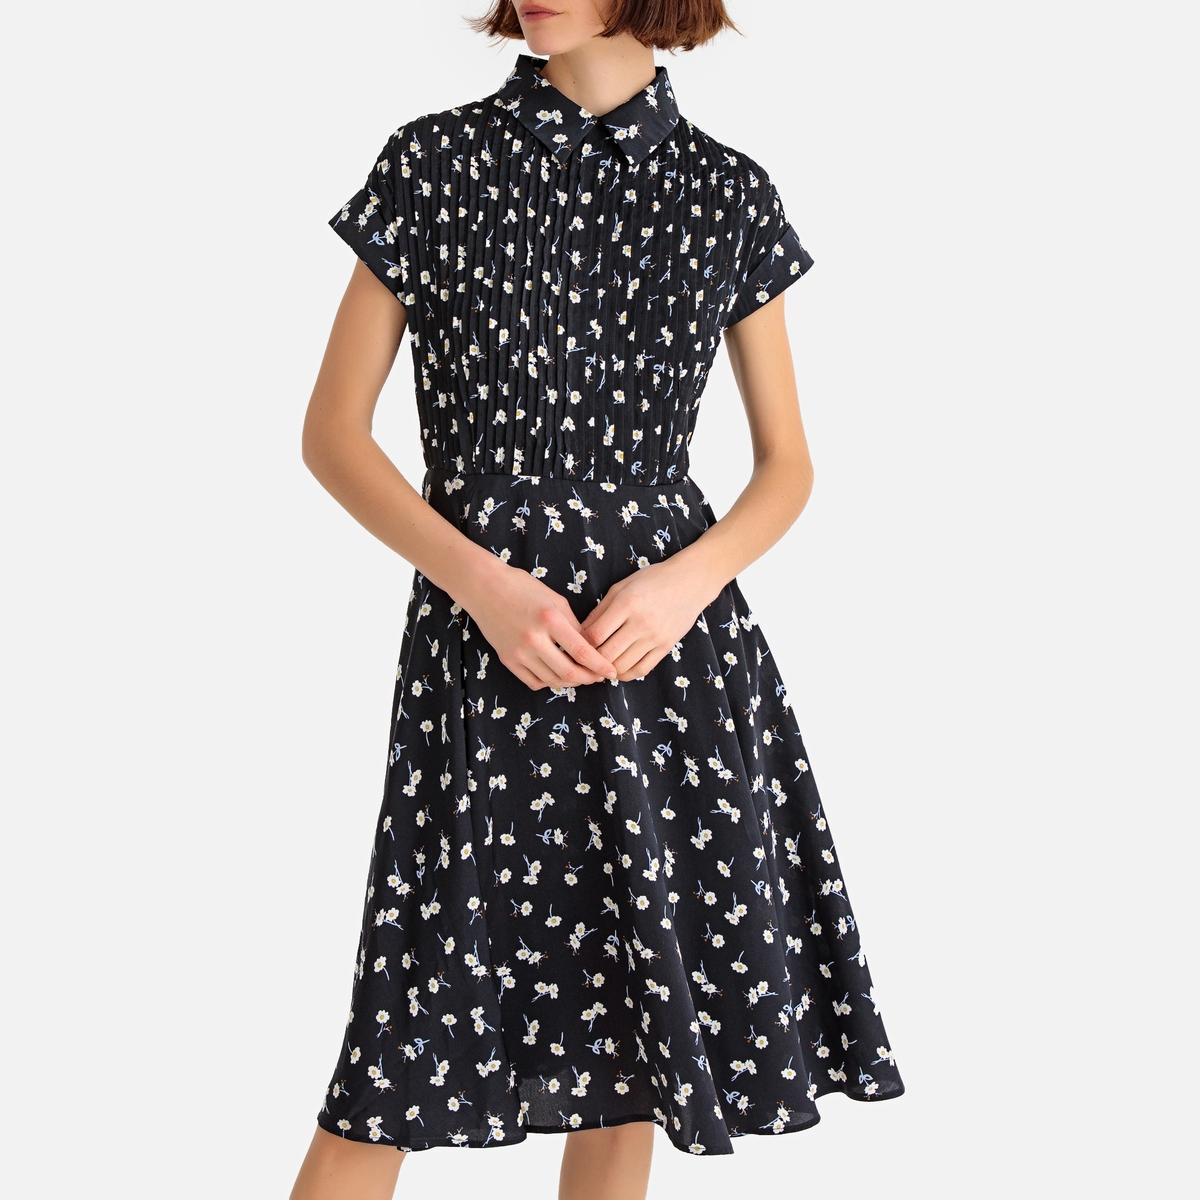 Платье-рубашка La Redoute Расклешенное с цветочным рисунком длина миди 34 (FR) - 40 (RUS) черный платье la redoute длинное с цветочным рисунком и напускным эффектом 34 fr 40 rus черный